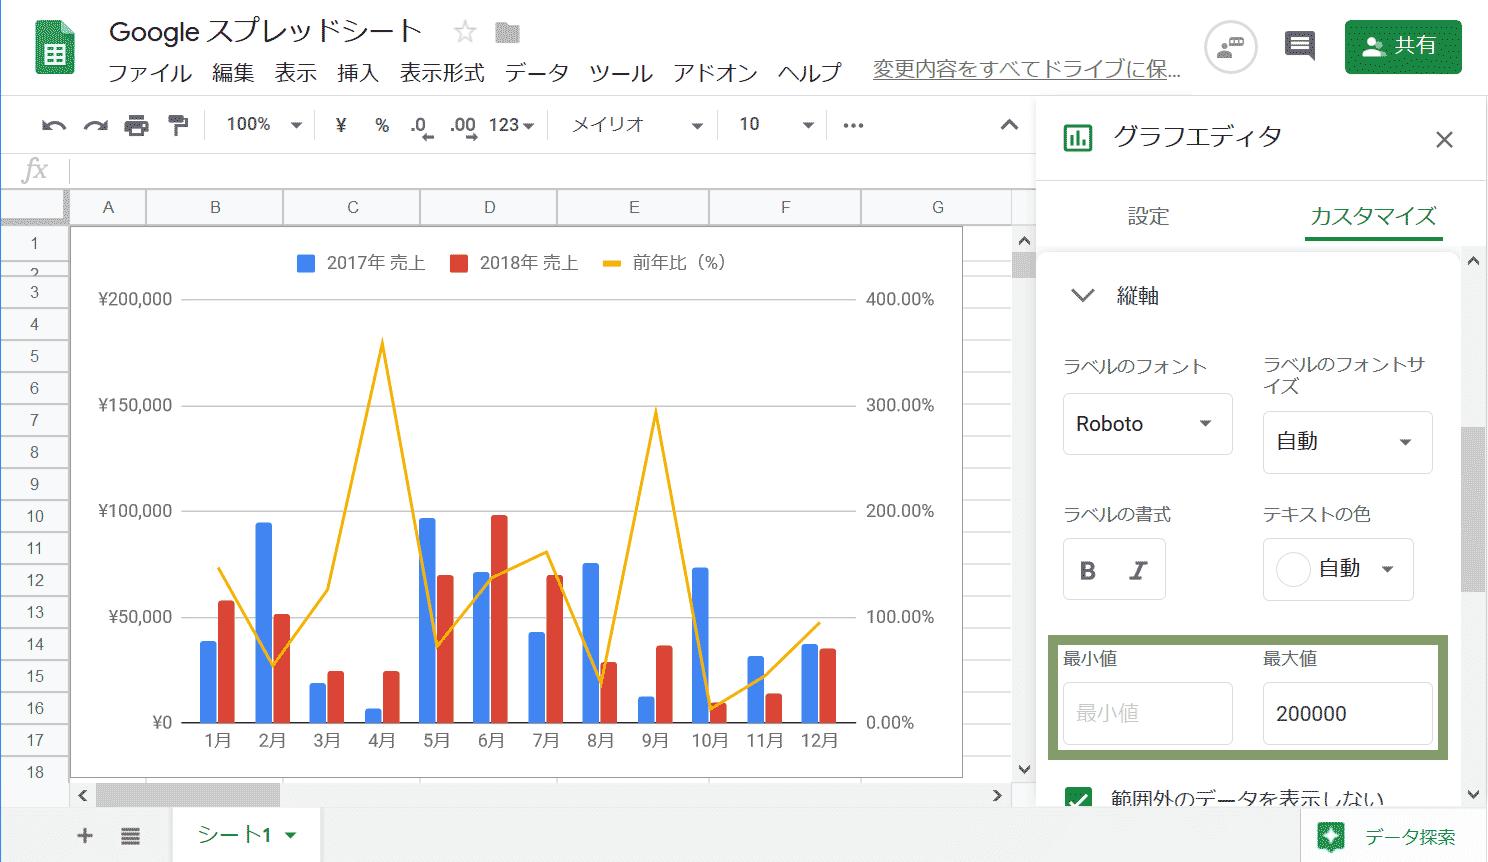 前年同月比の複合グラフ(数値軸)